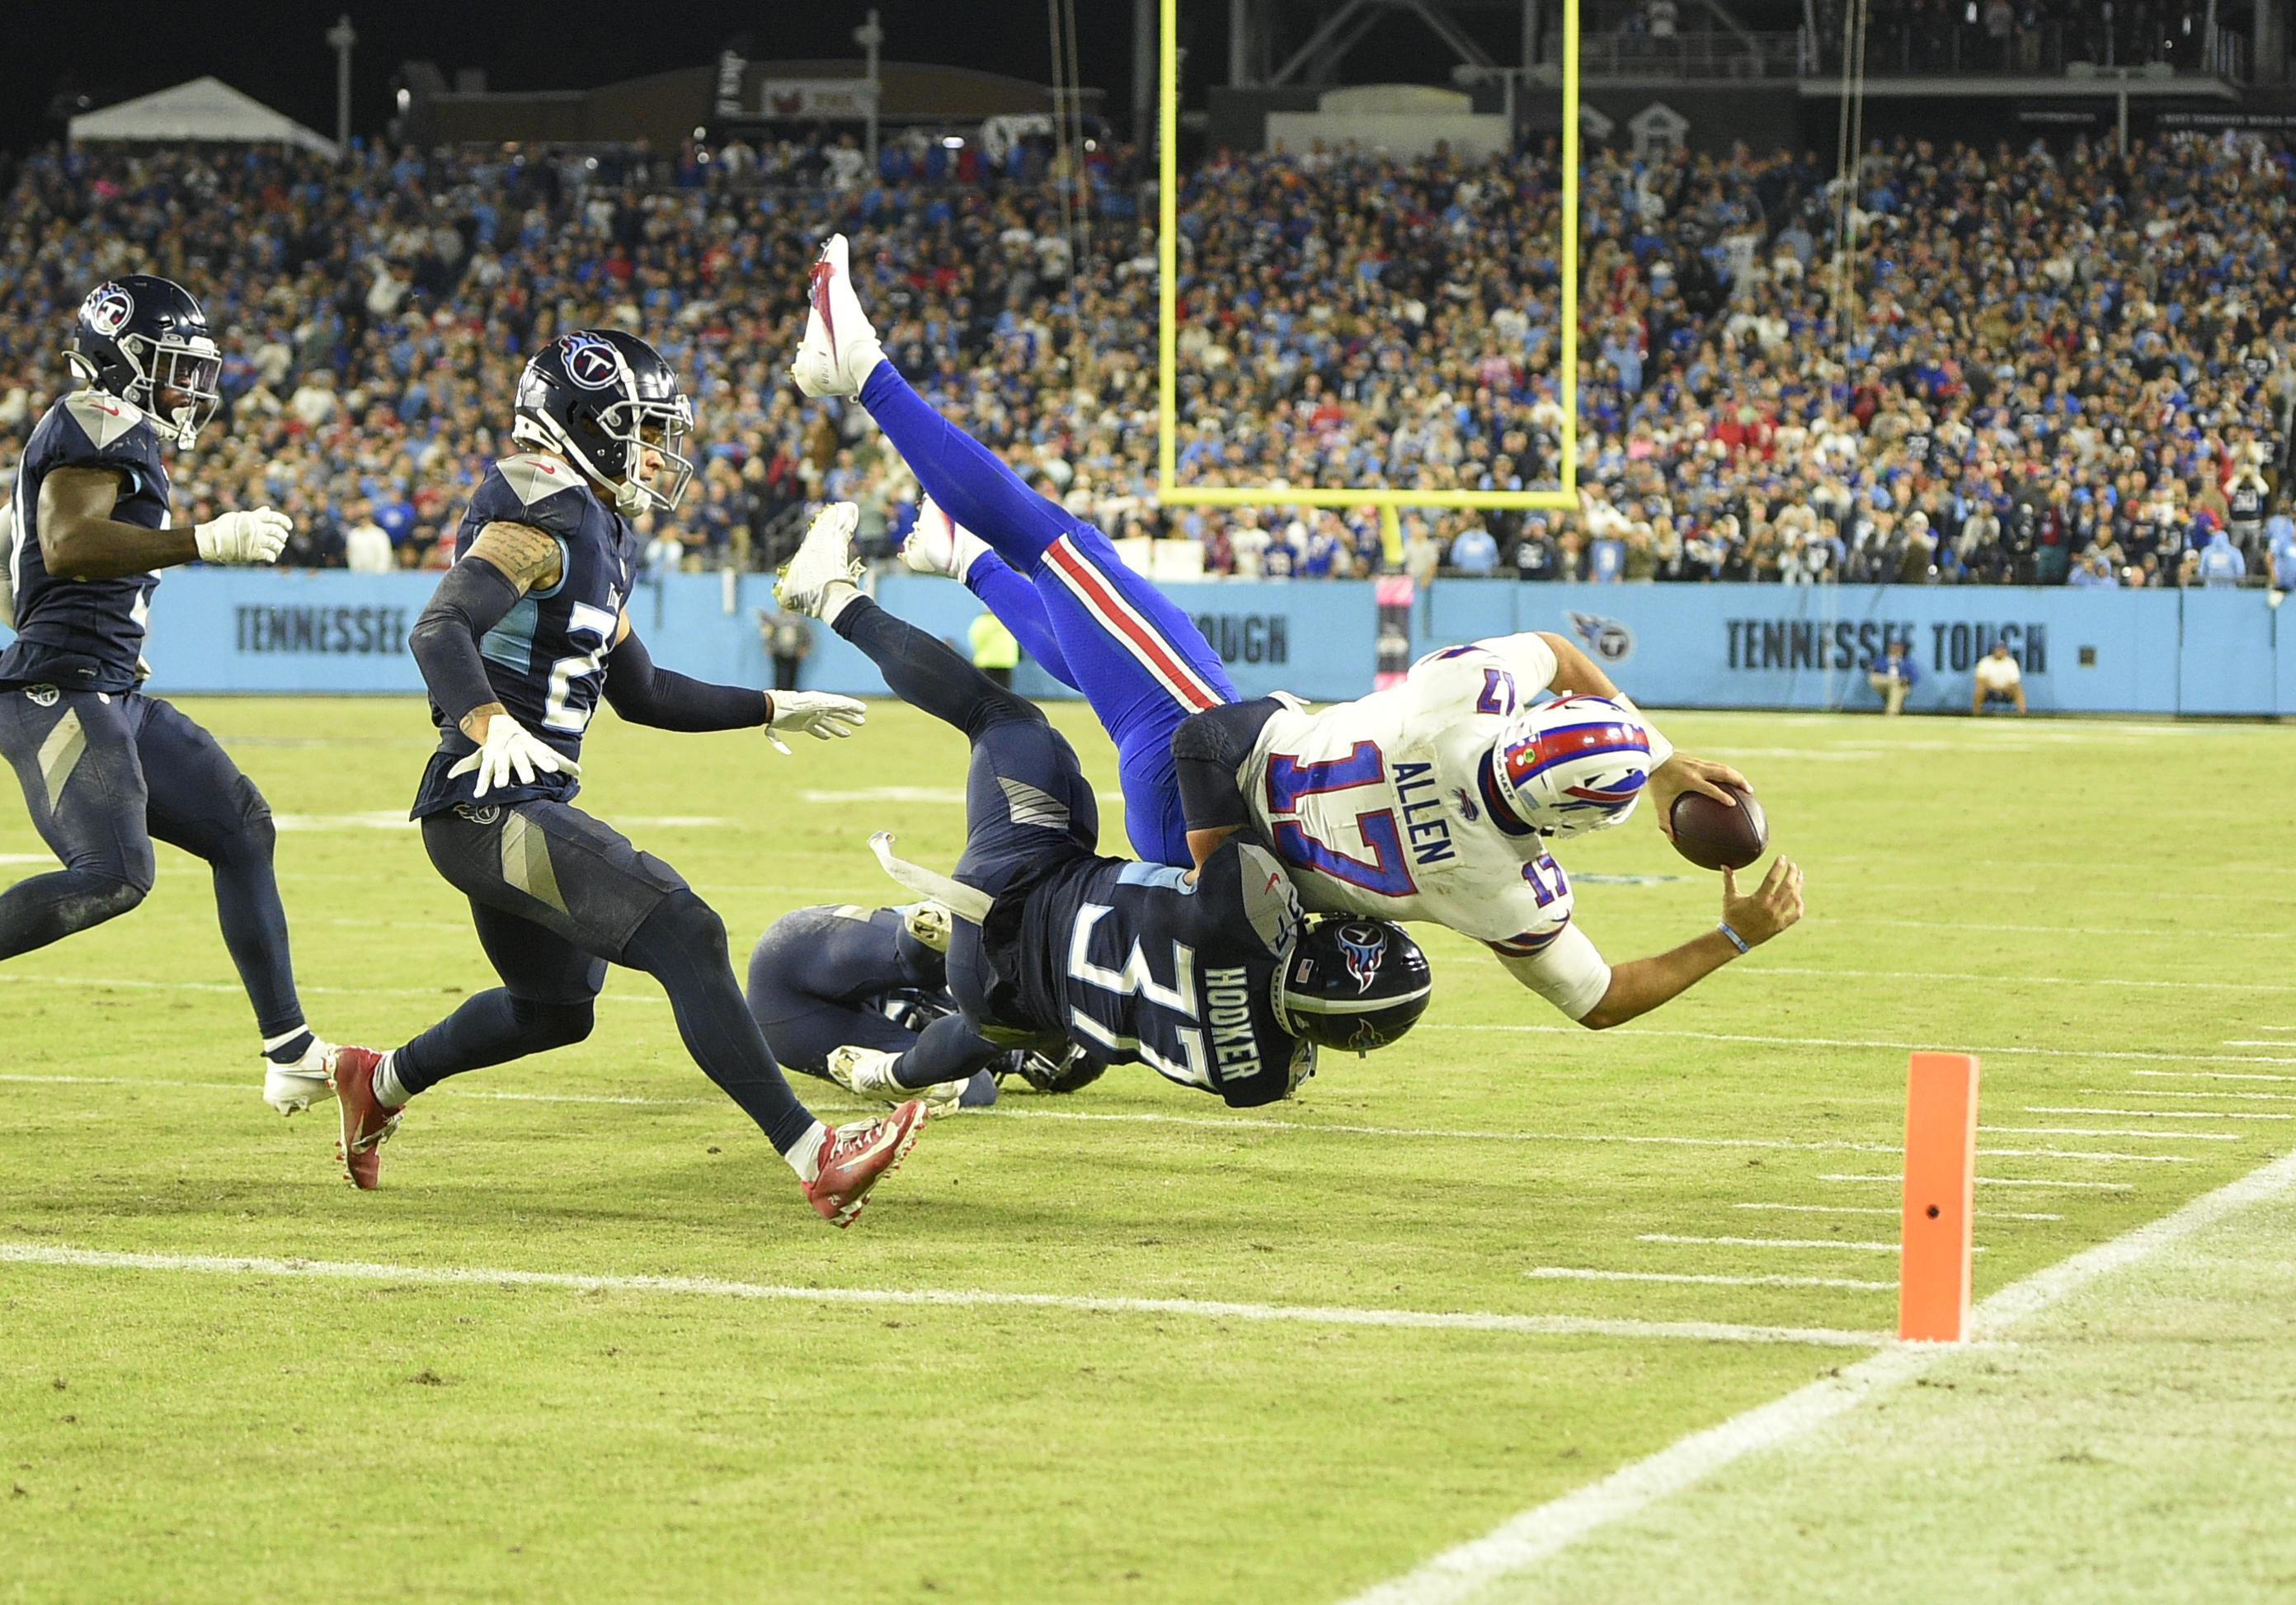 NFL: Buffalo Bills at Tennessee Titans